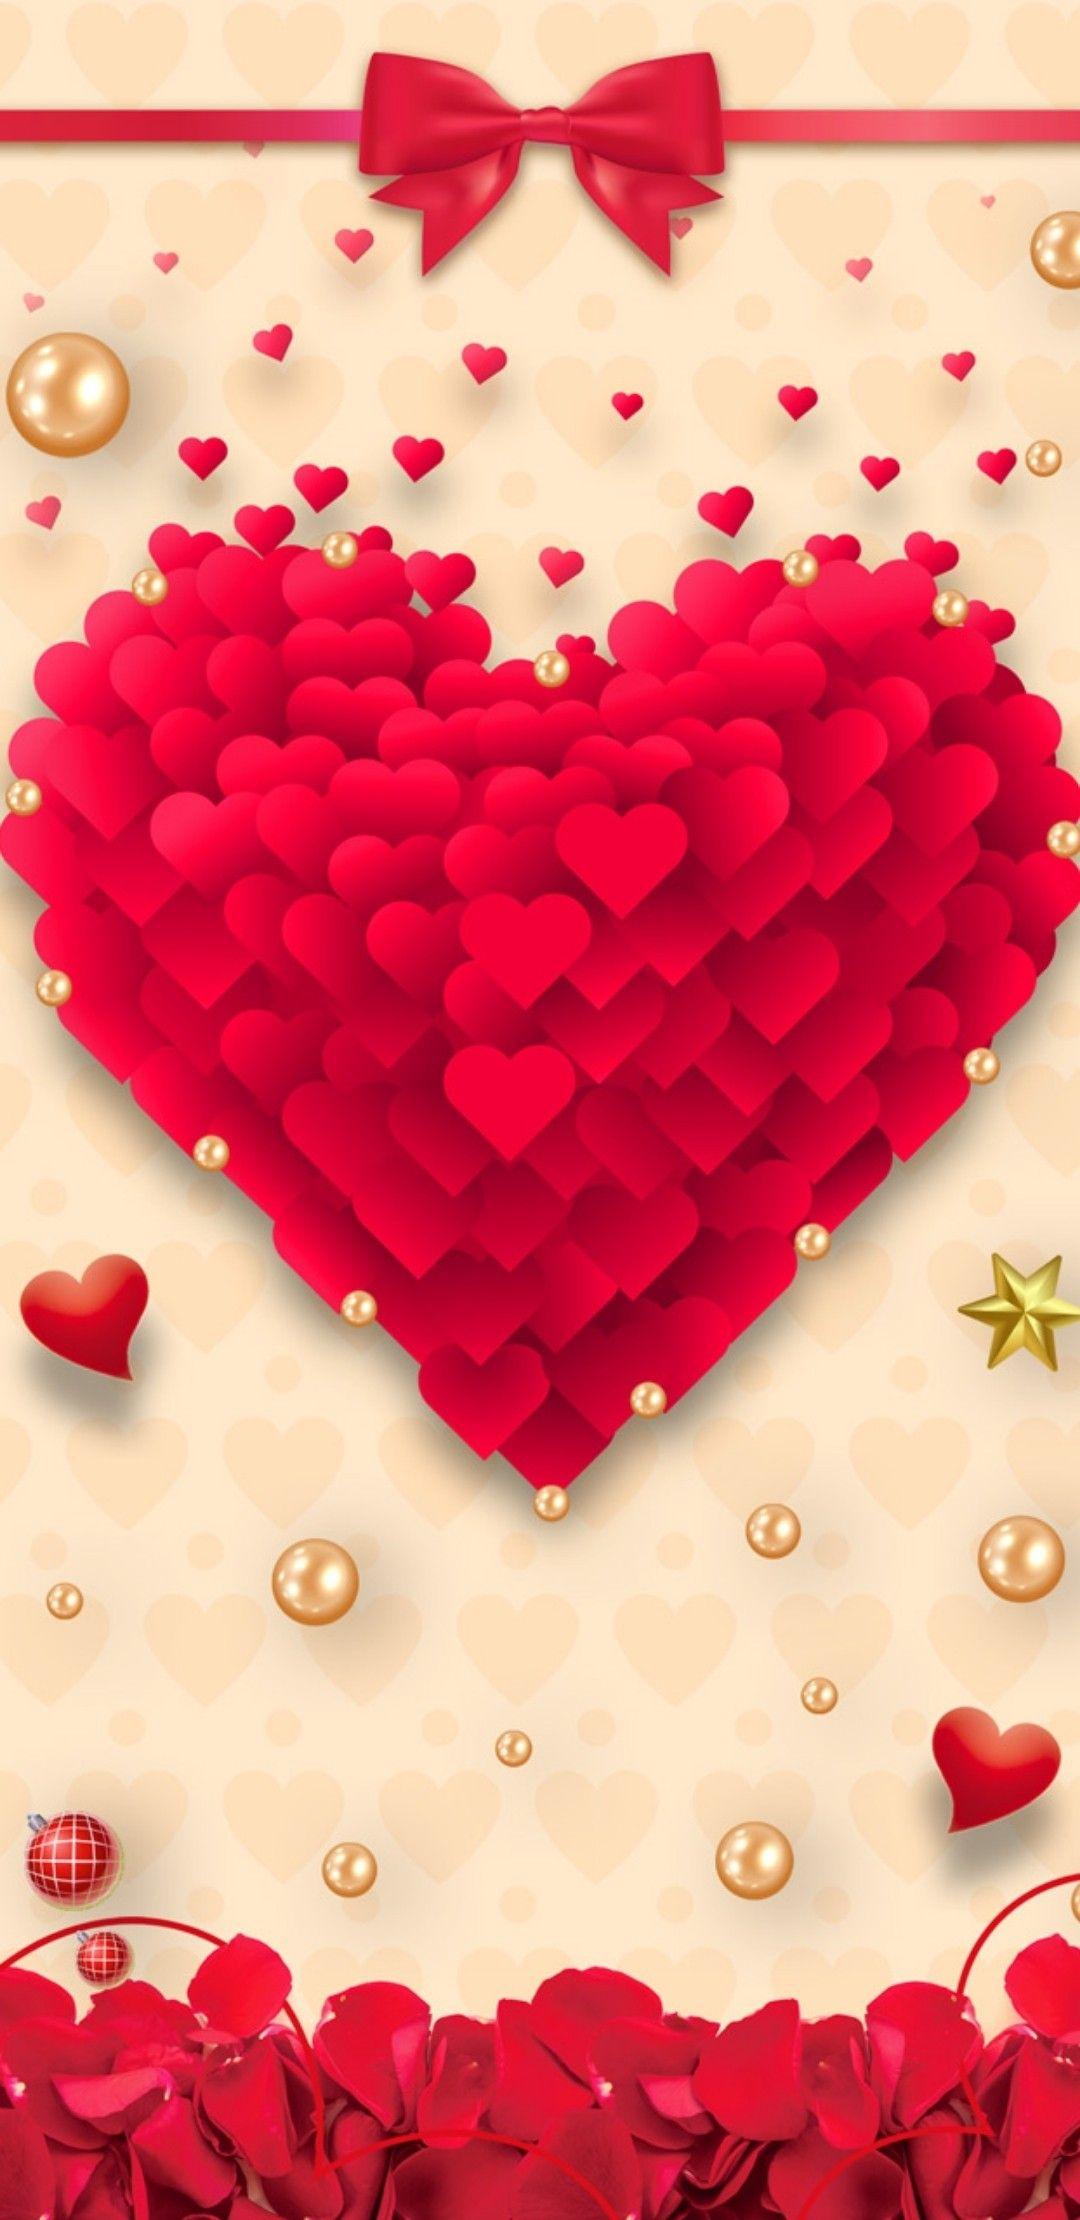 Red Heart Heart Wallpaper Heart Iphone Wallpaper Wallpaper Iphone Love